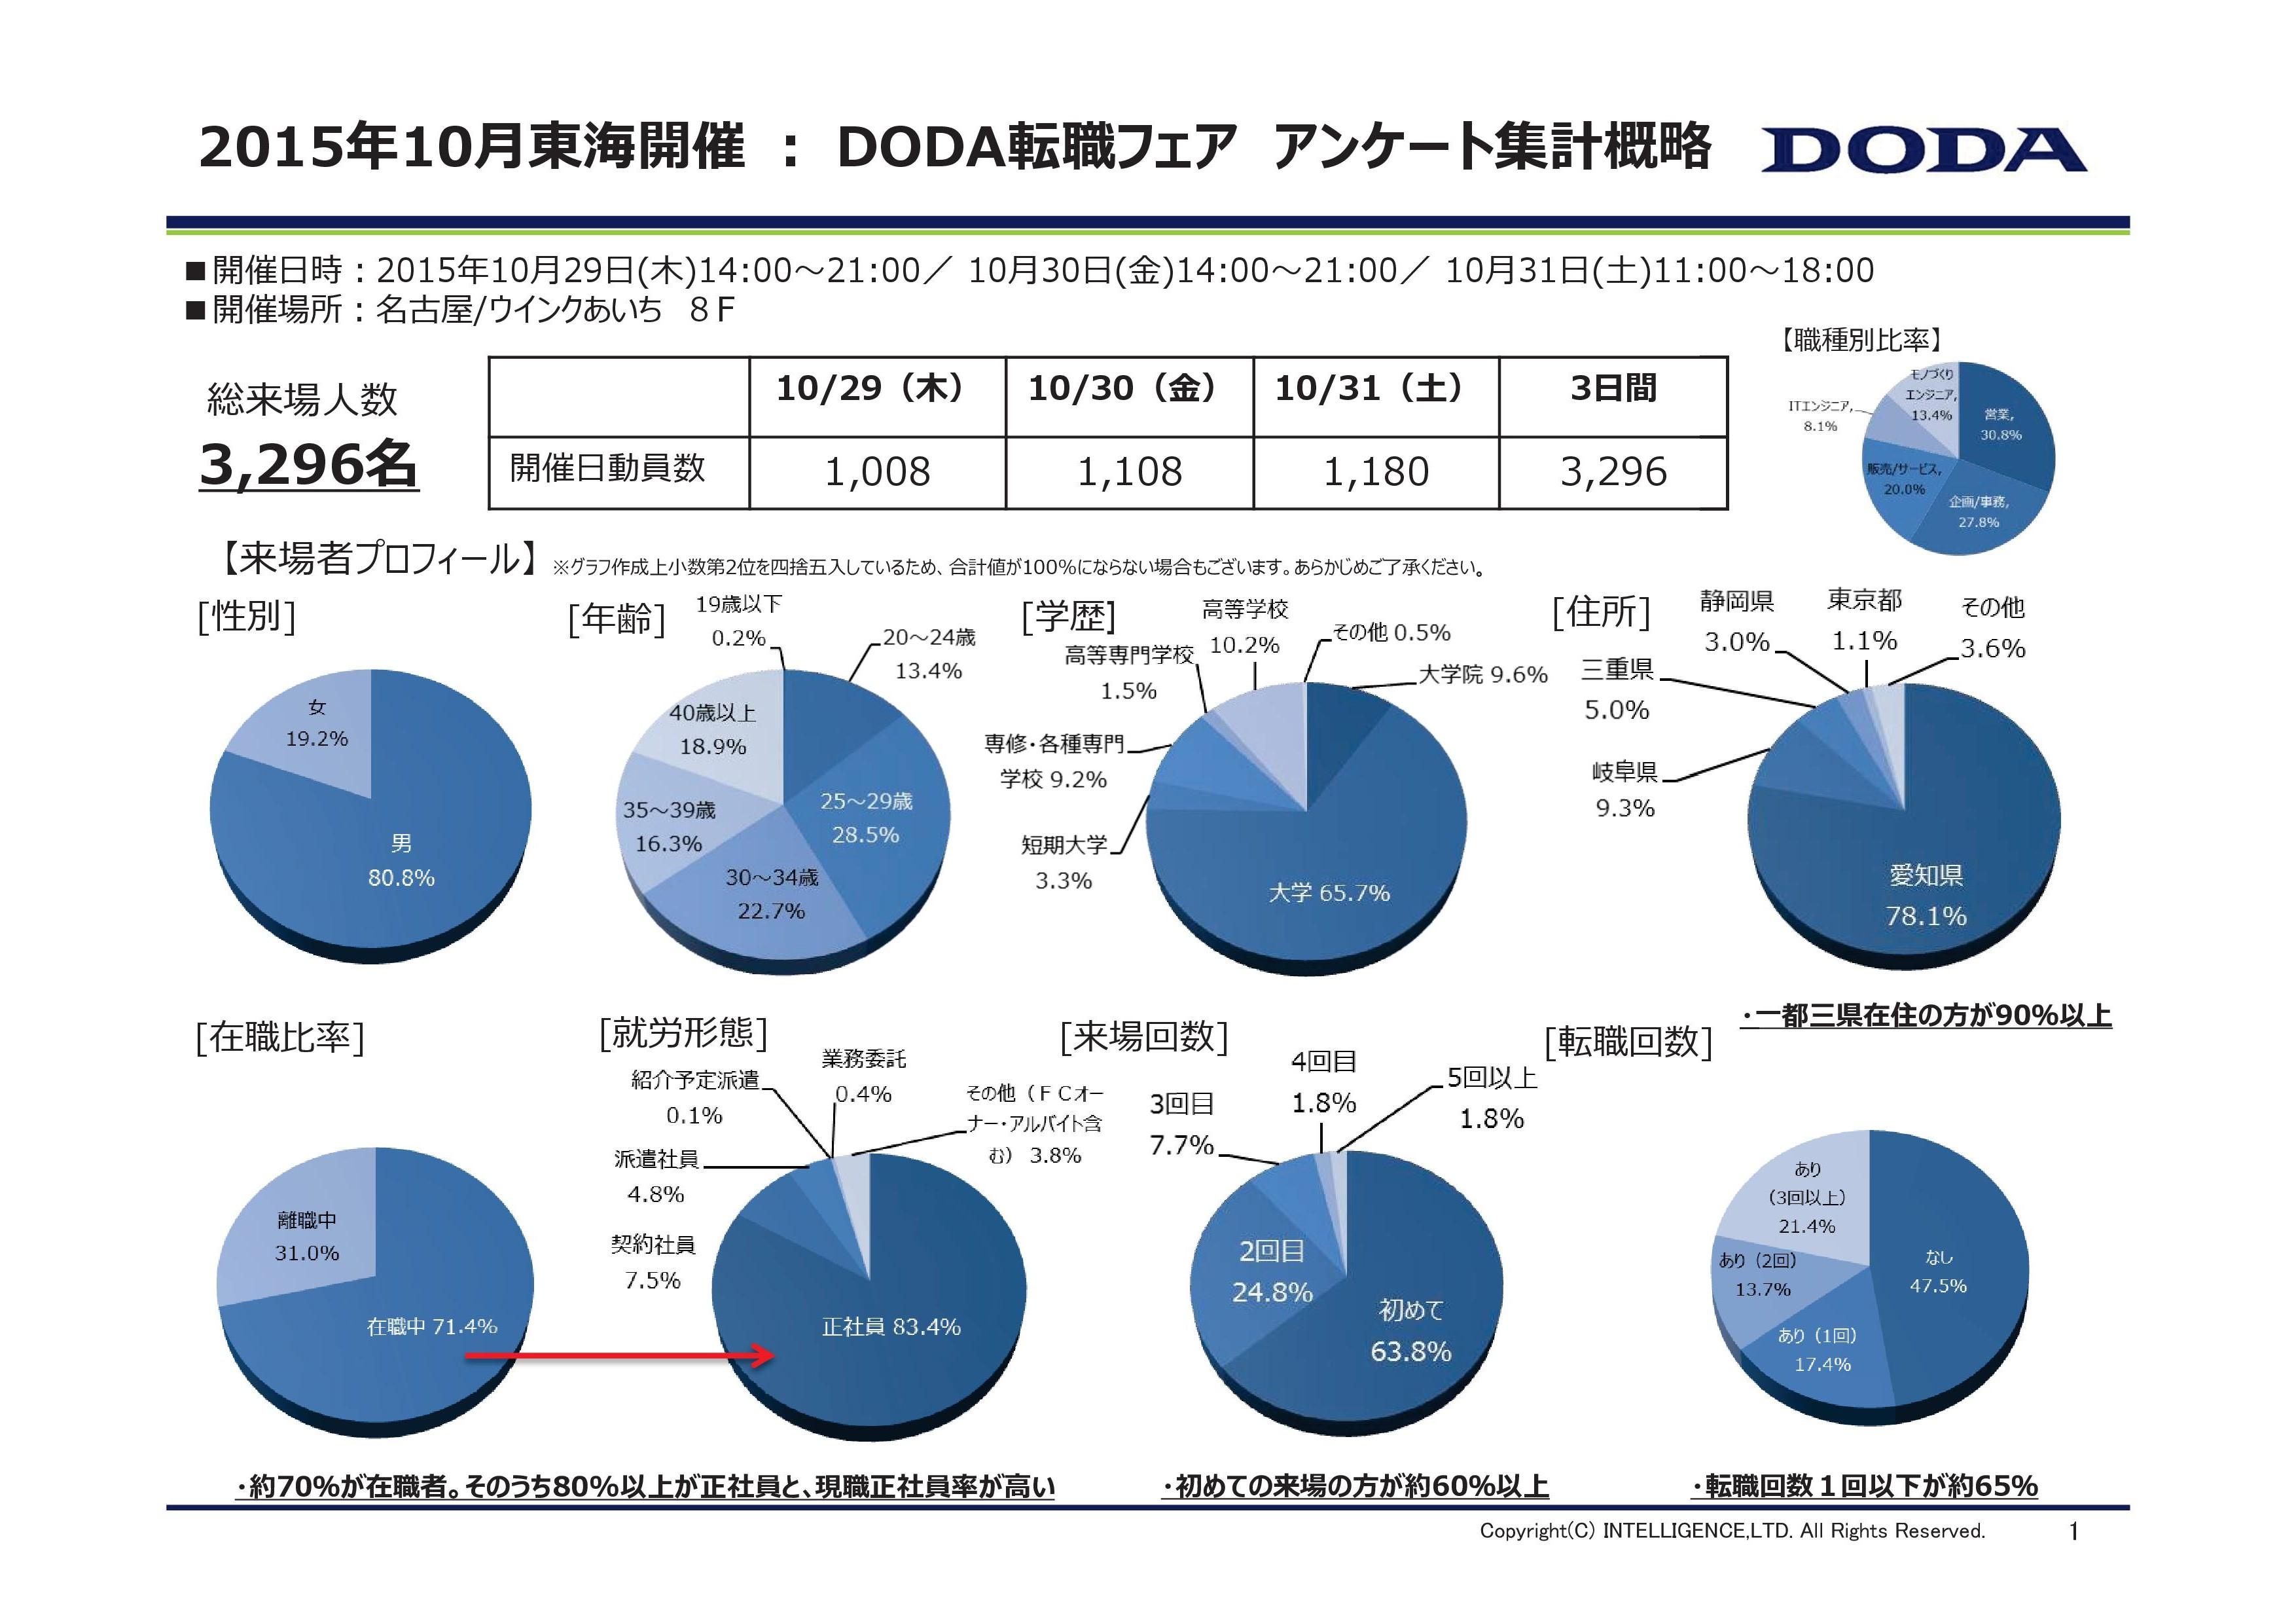 東海)DODA転職フェアアンケート集計結果,001